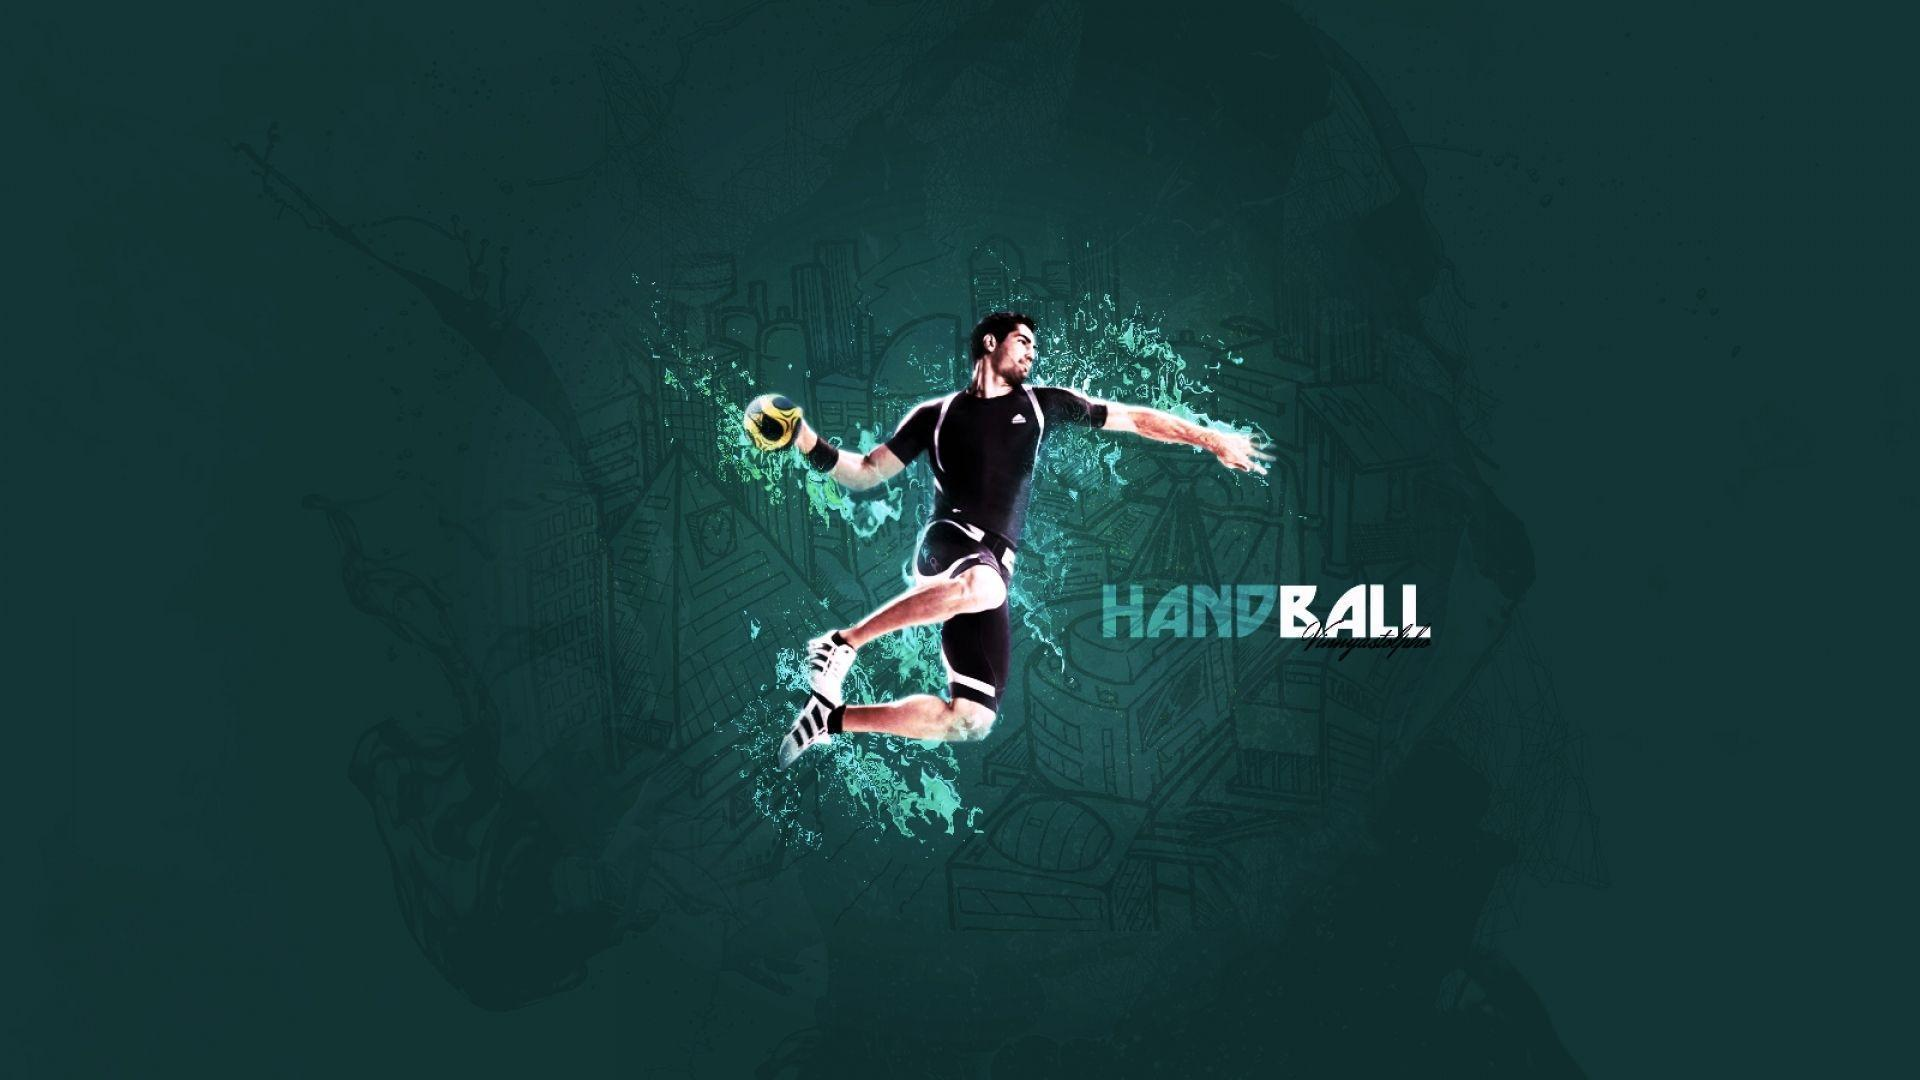 Wallpaper Handball